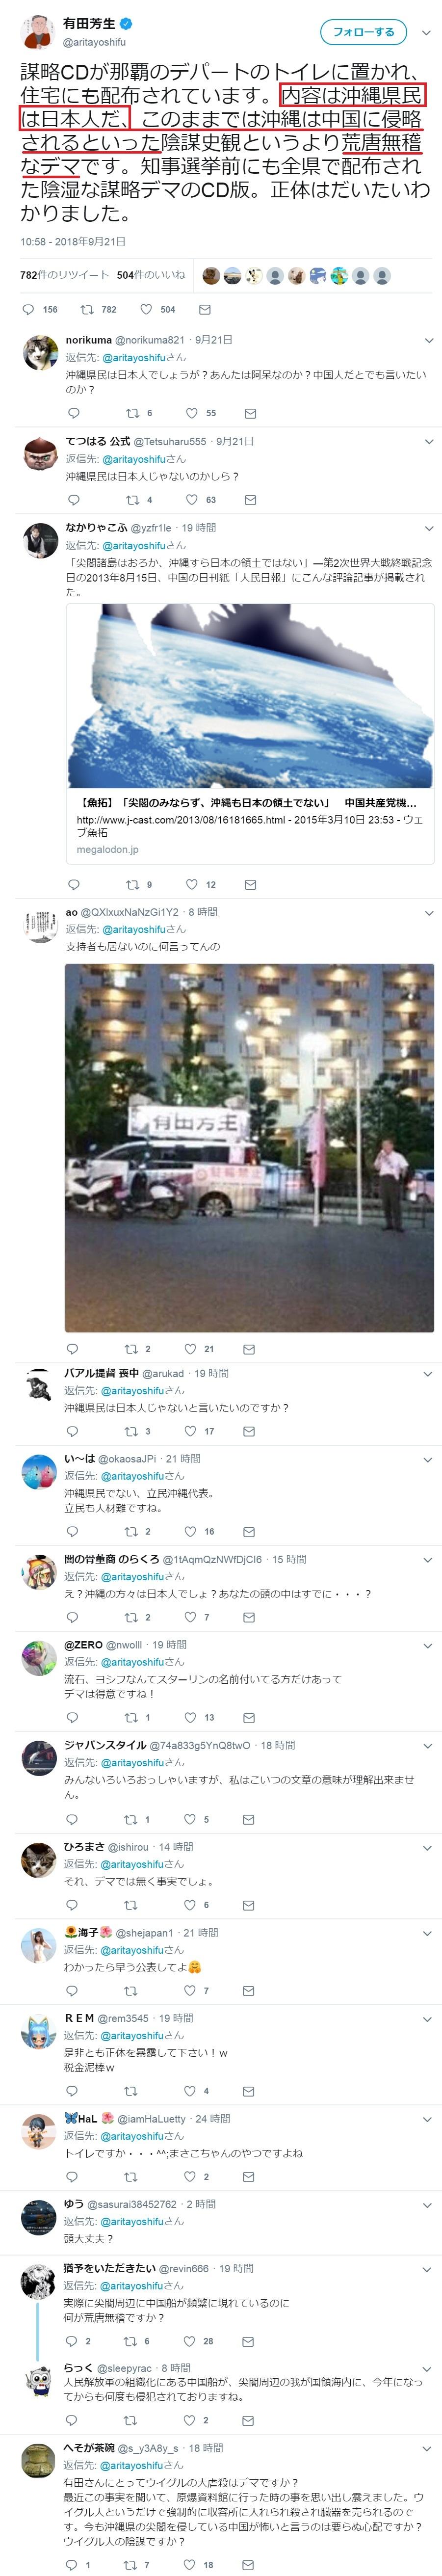 ヨシフ「沖縄県民は日本人だというのは荒唐無稽で陰湿なデマ」1